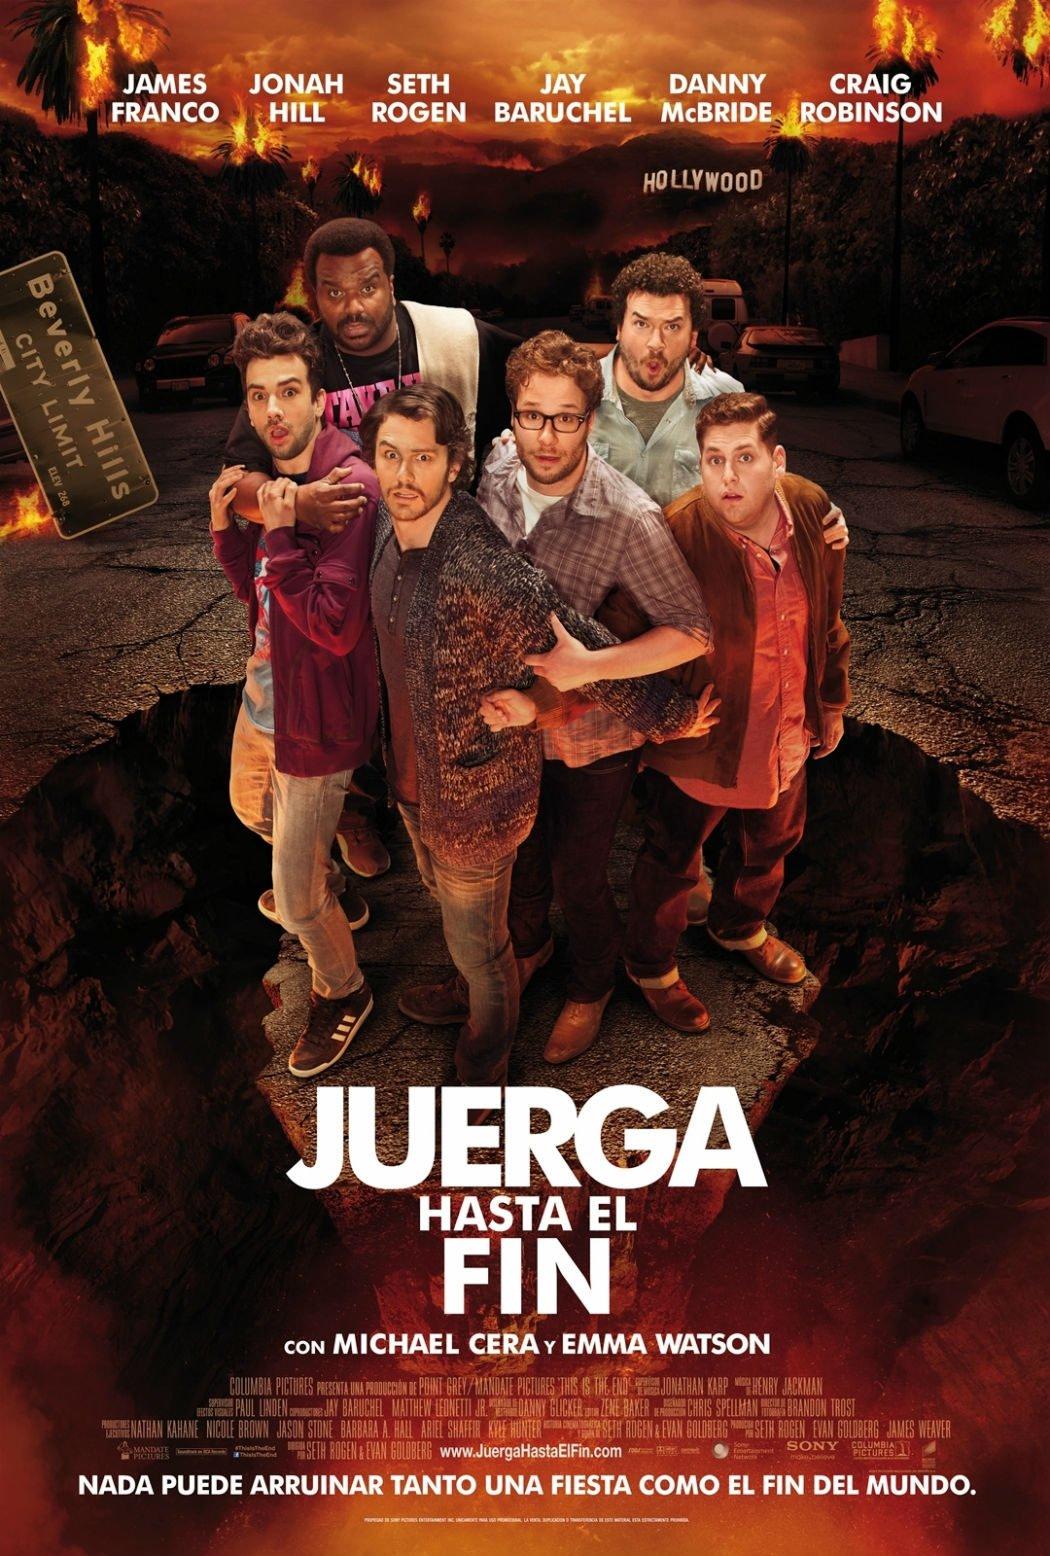 'Juerga hasta el fin' (2013)